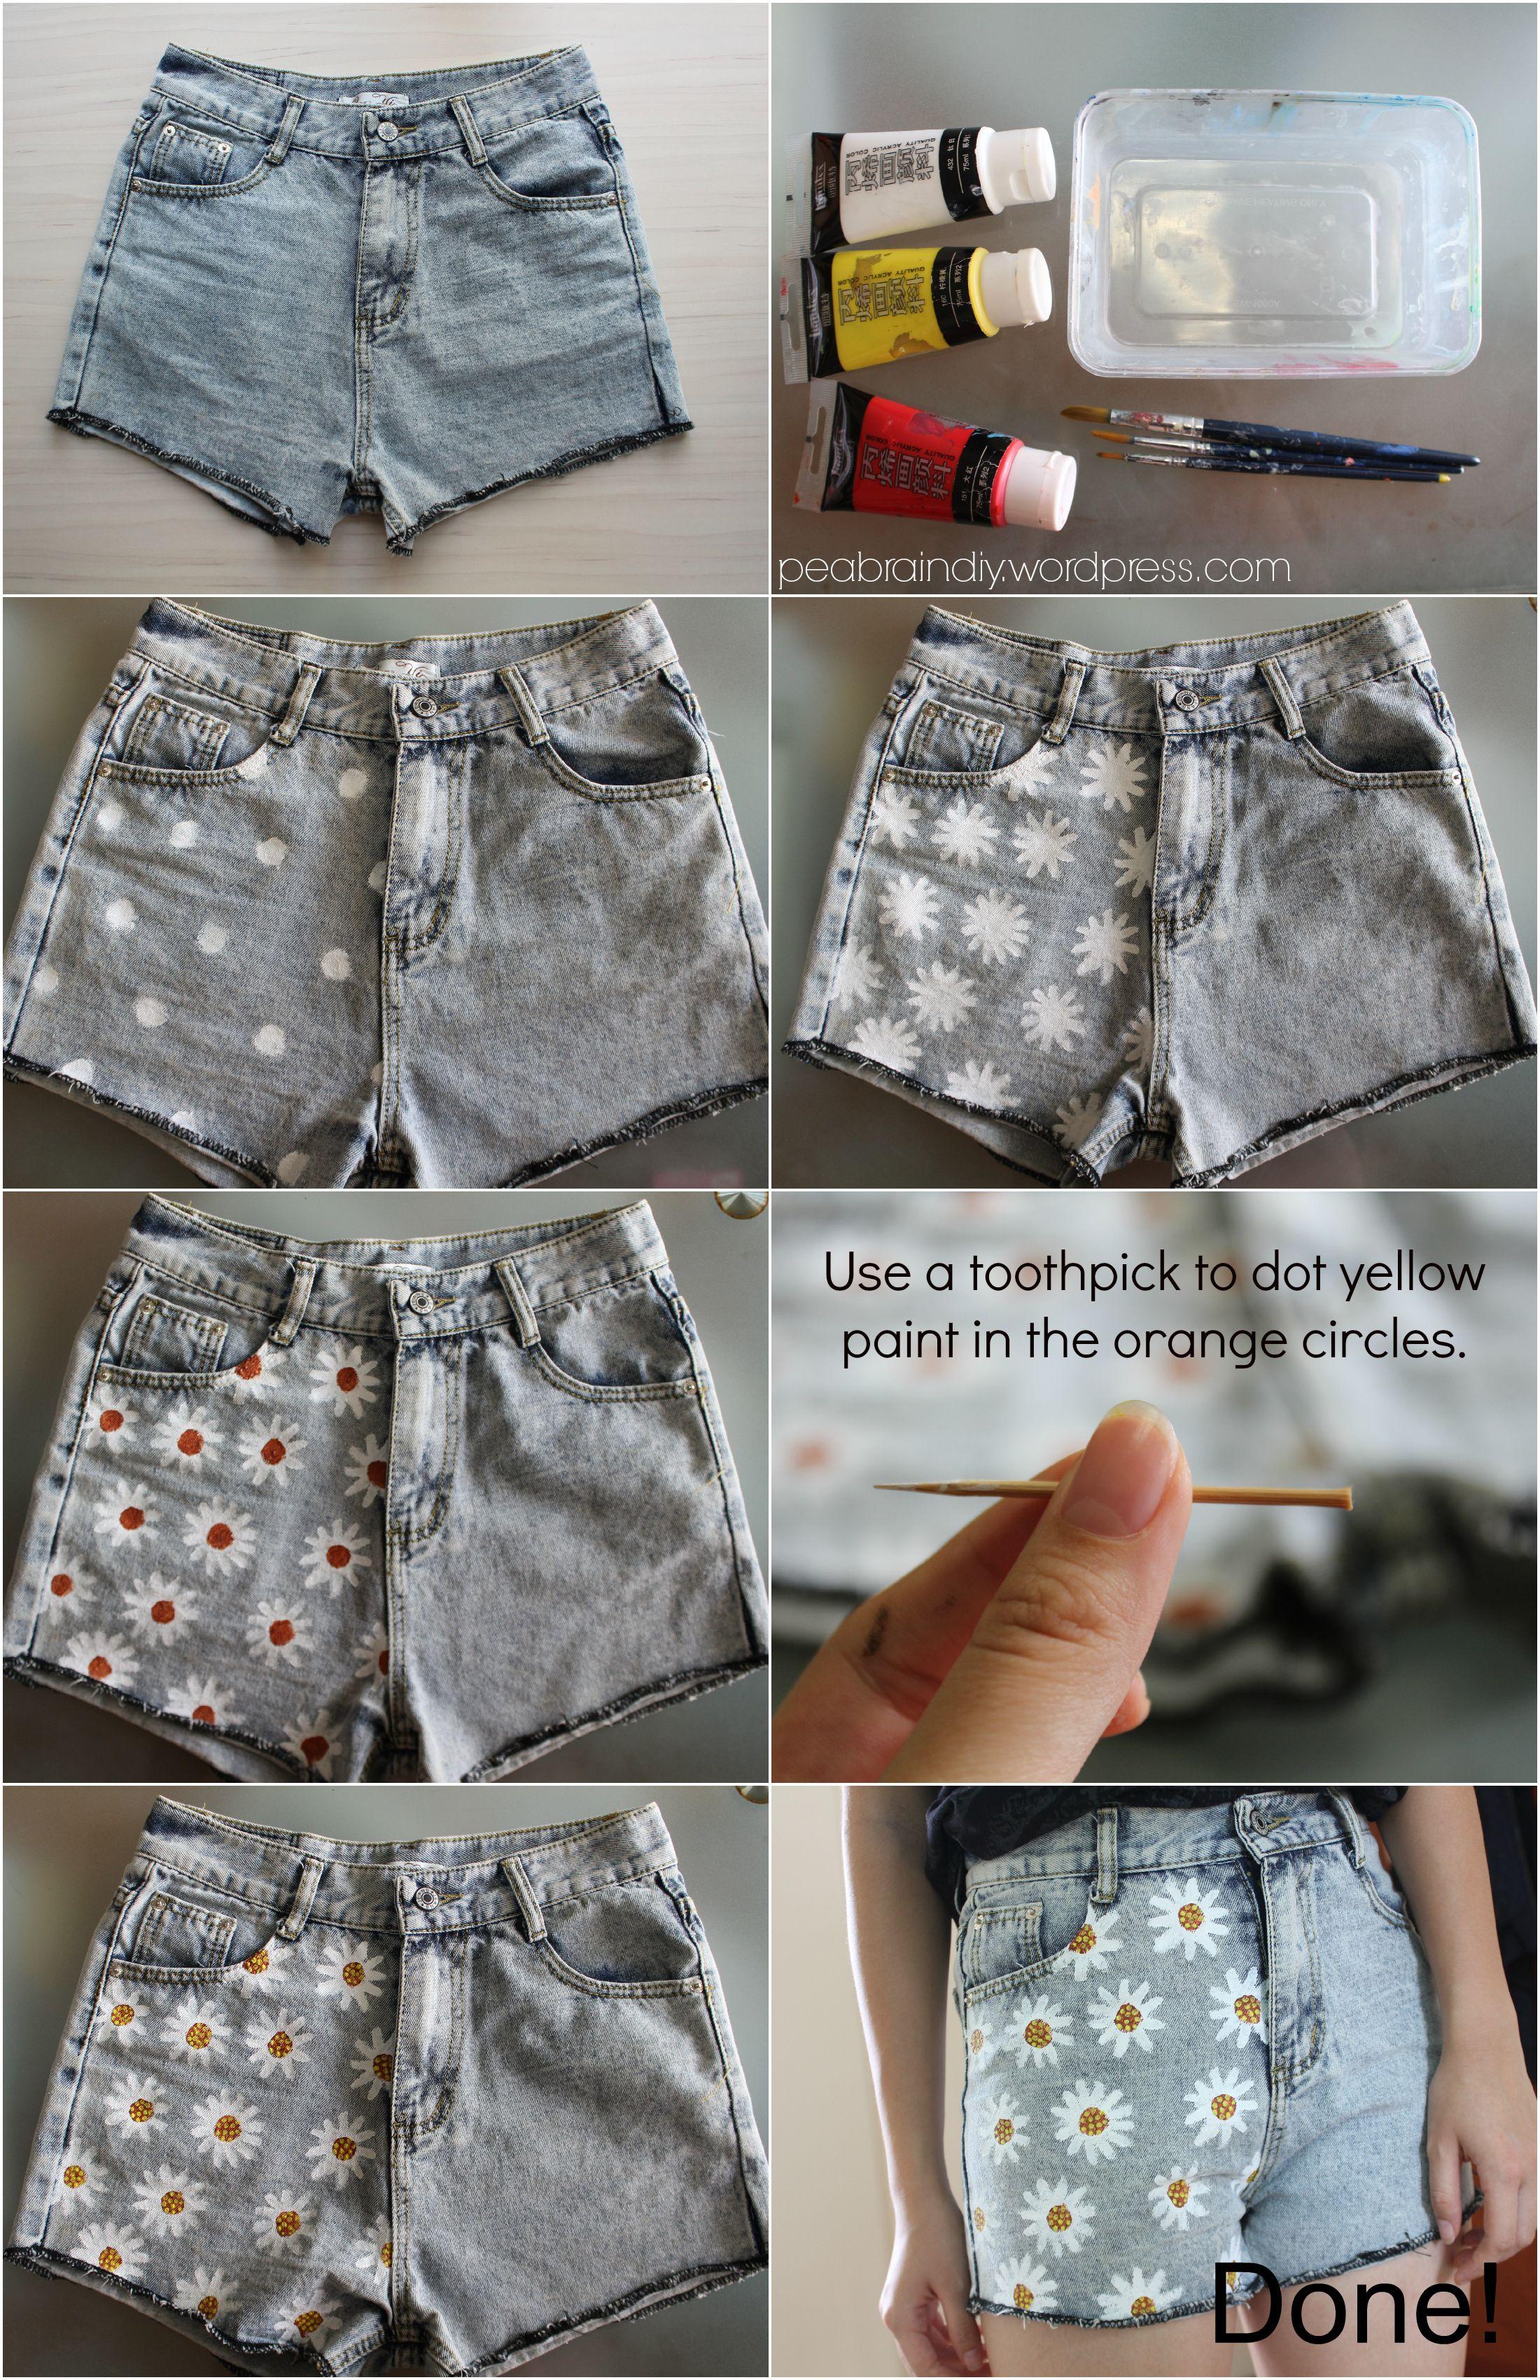 Diy Daisy Printed Shorts Diy Clothes Diy Shorts Jeans Diy